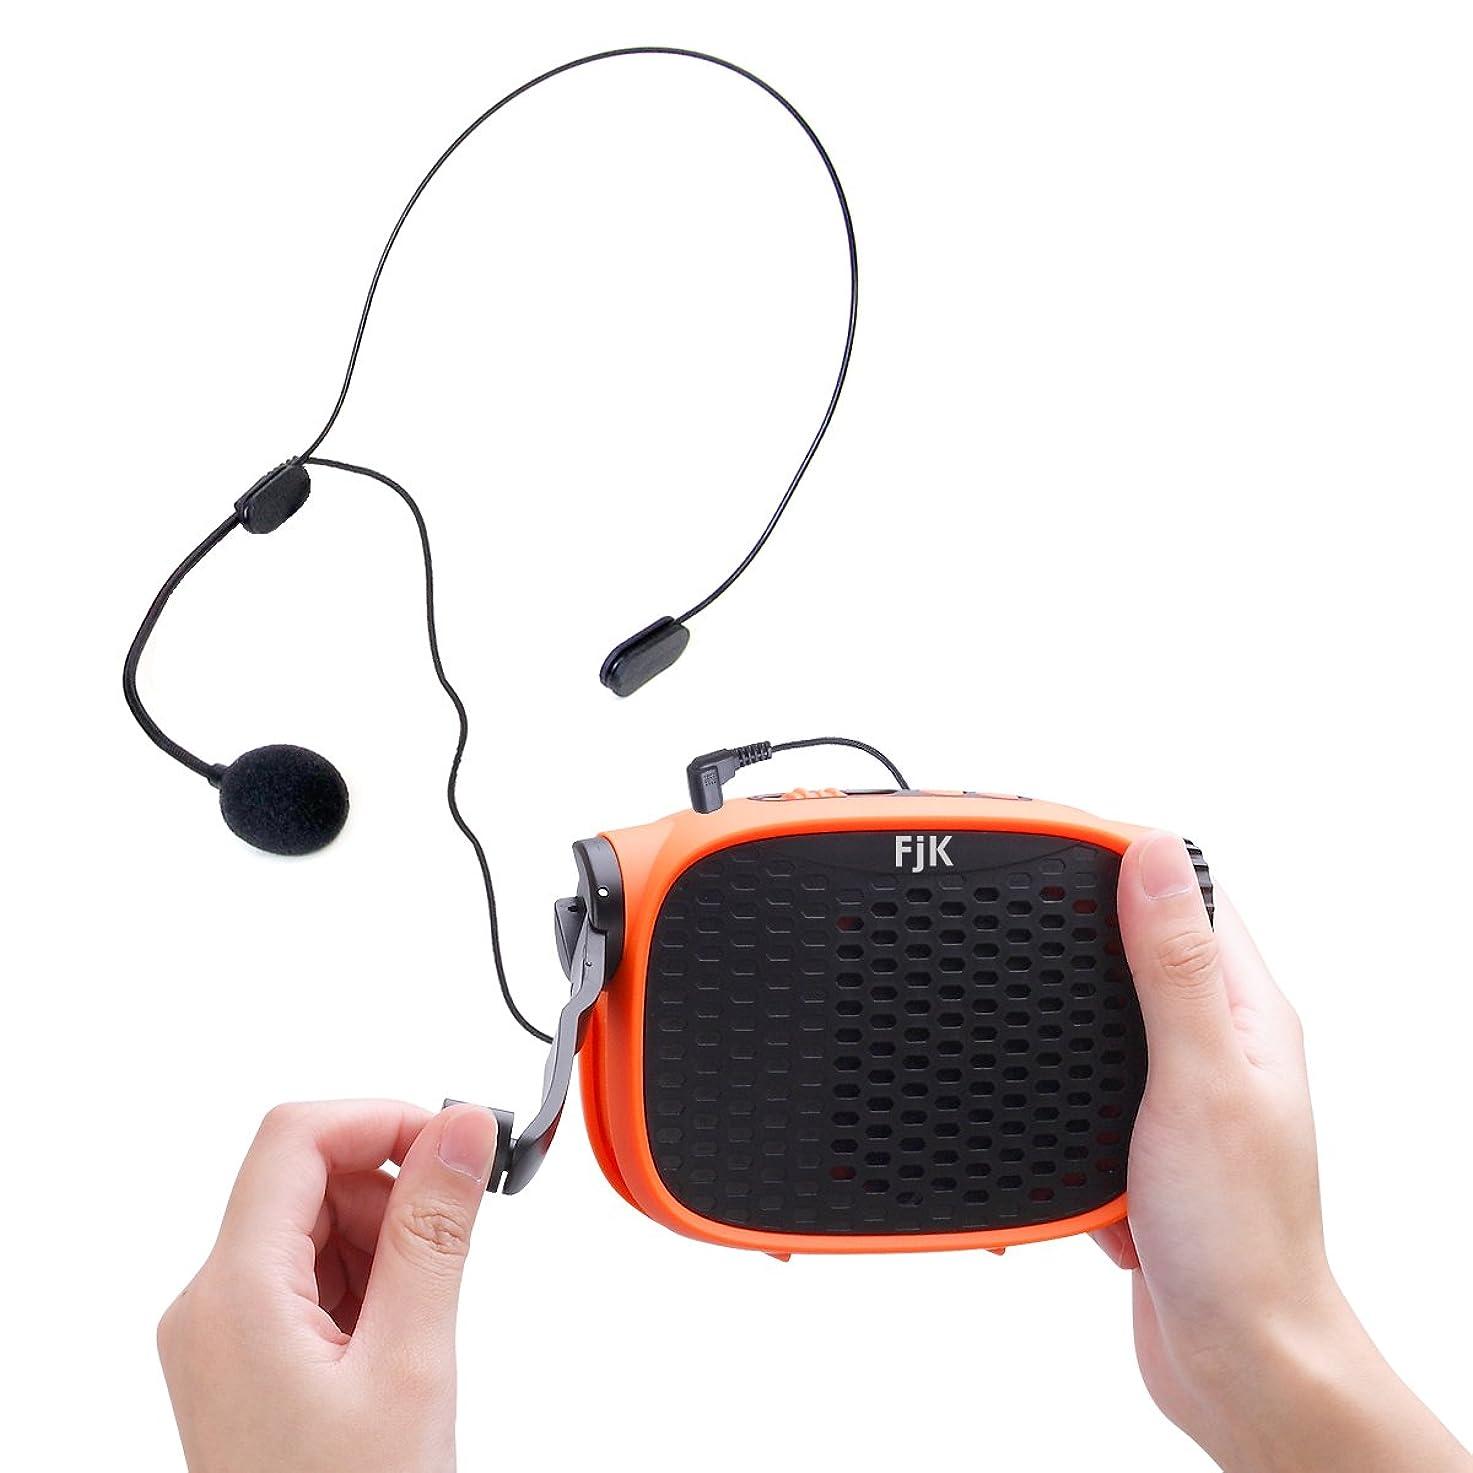 伴う売り手フジキン ラジオ FJK-D005